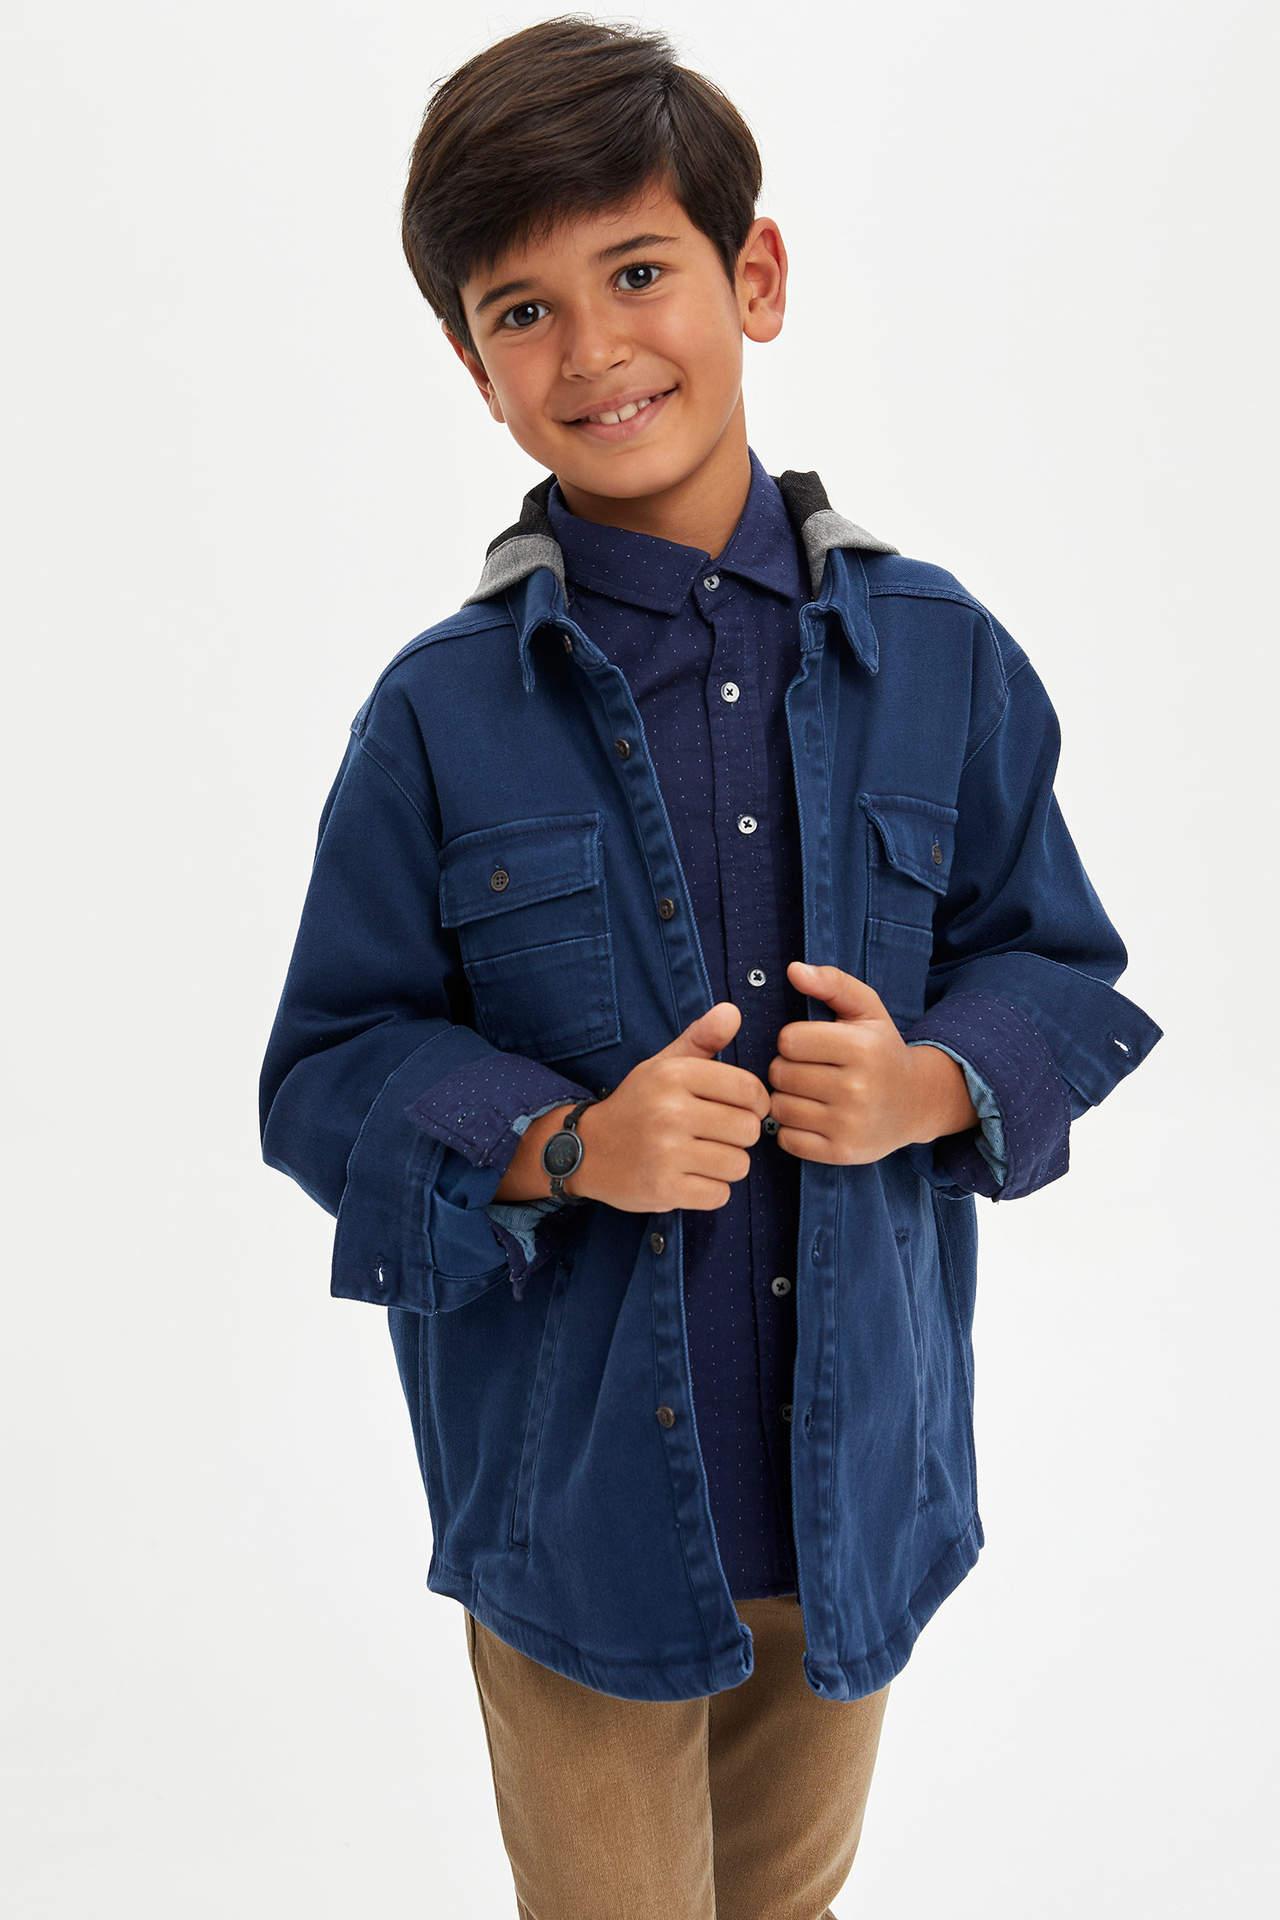 DeFacto Erkek Çocuk Çıkarılabilir Kapüşonlu Jean Gömlek Mavi male